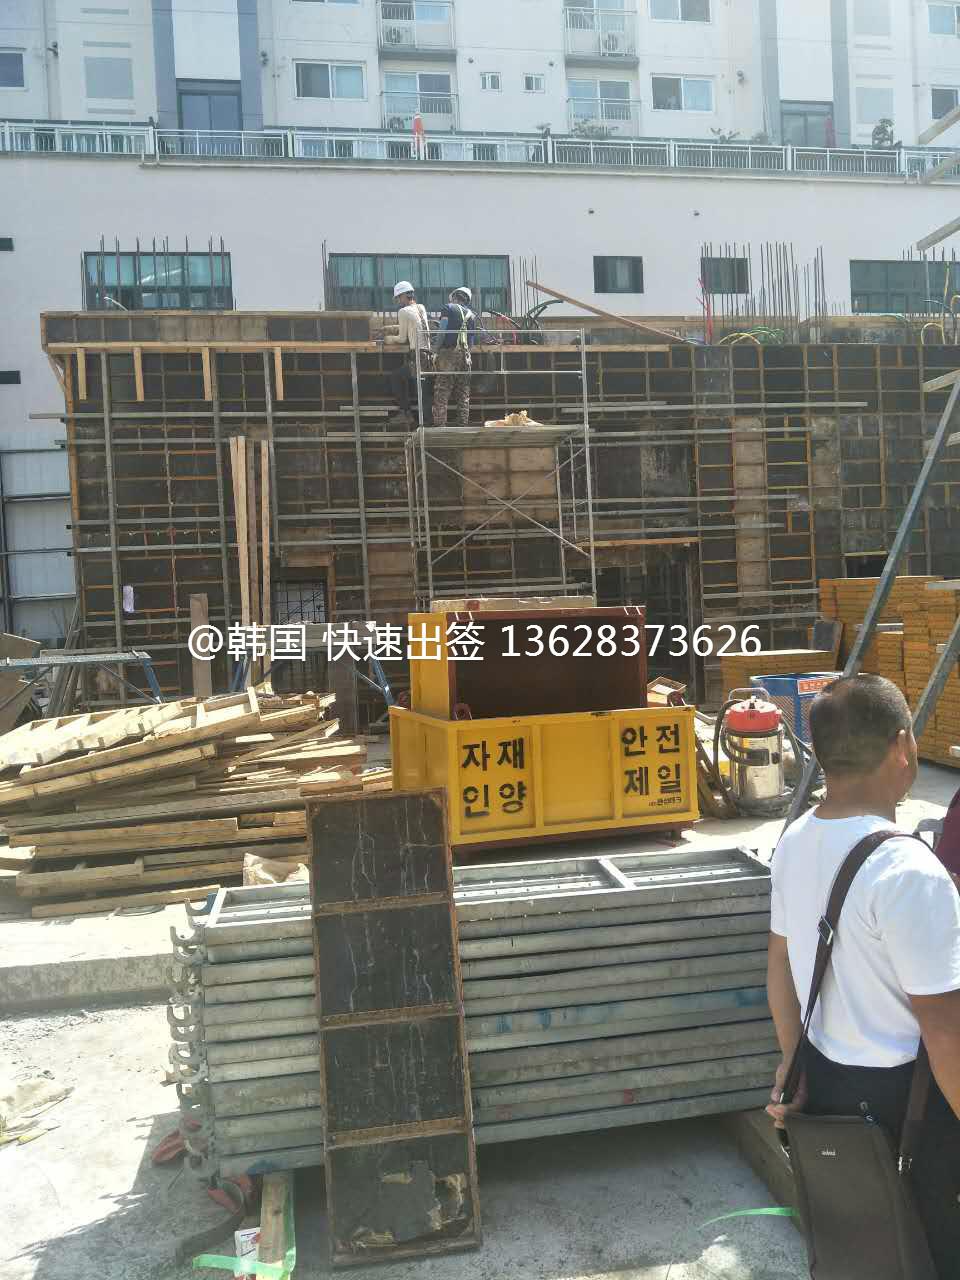 海外就业出国务工韩国济州岛农场无技术普工1.5万建筑工地2万